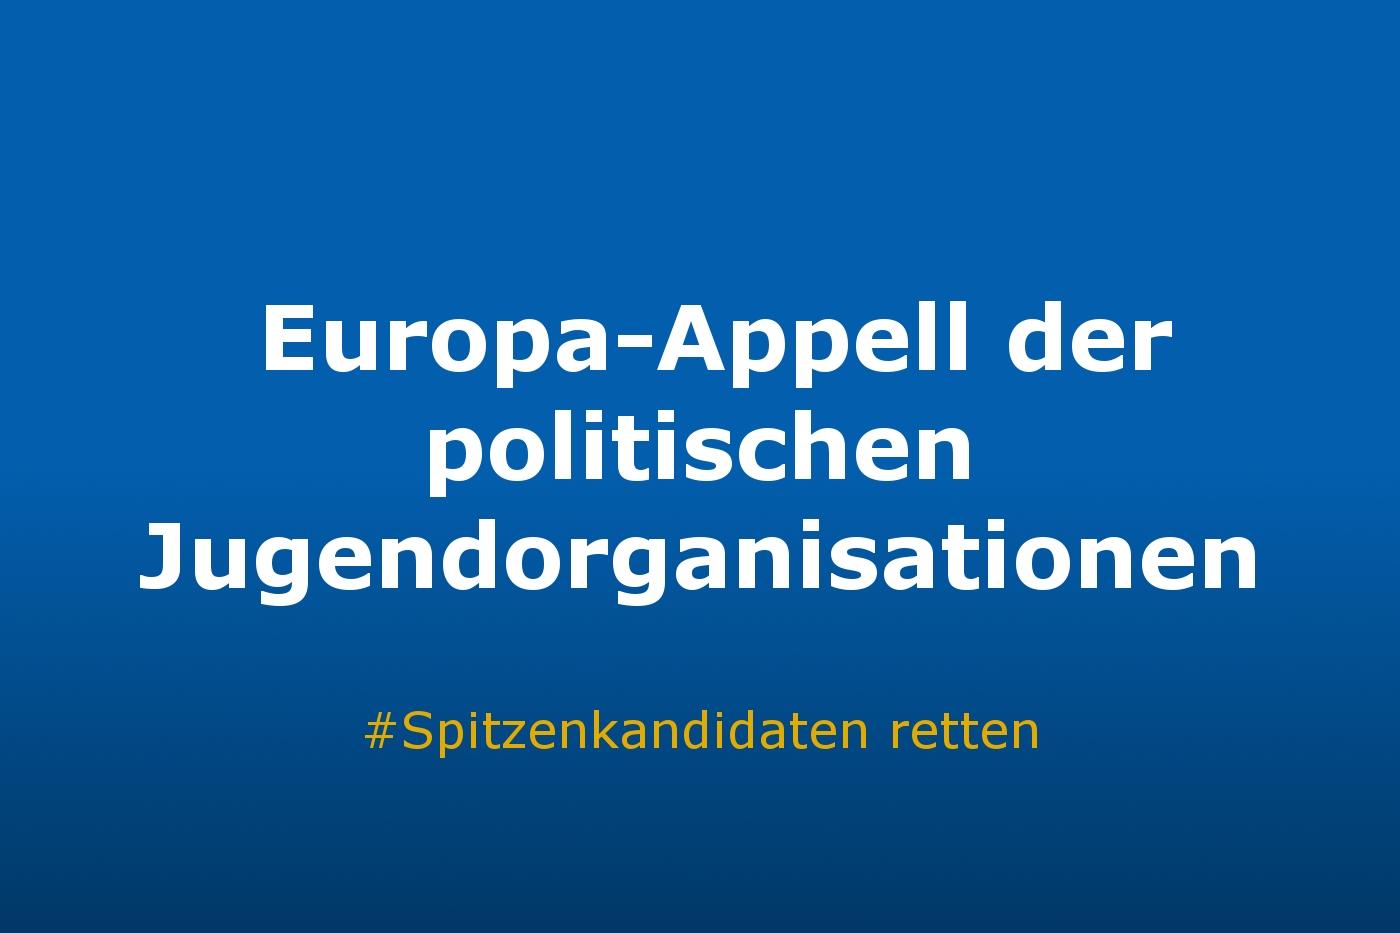 Europa-Appell der politischen Jugendorganisationen. Rettet die #Spitzenkandidaten